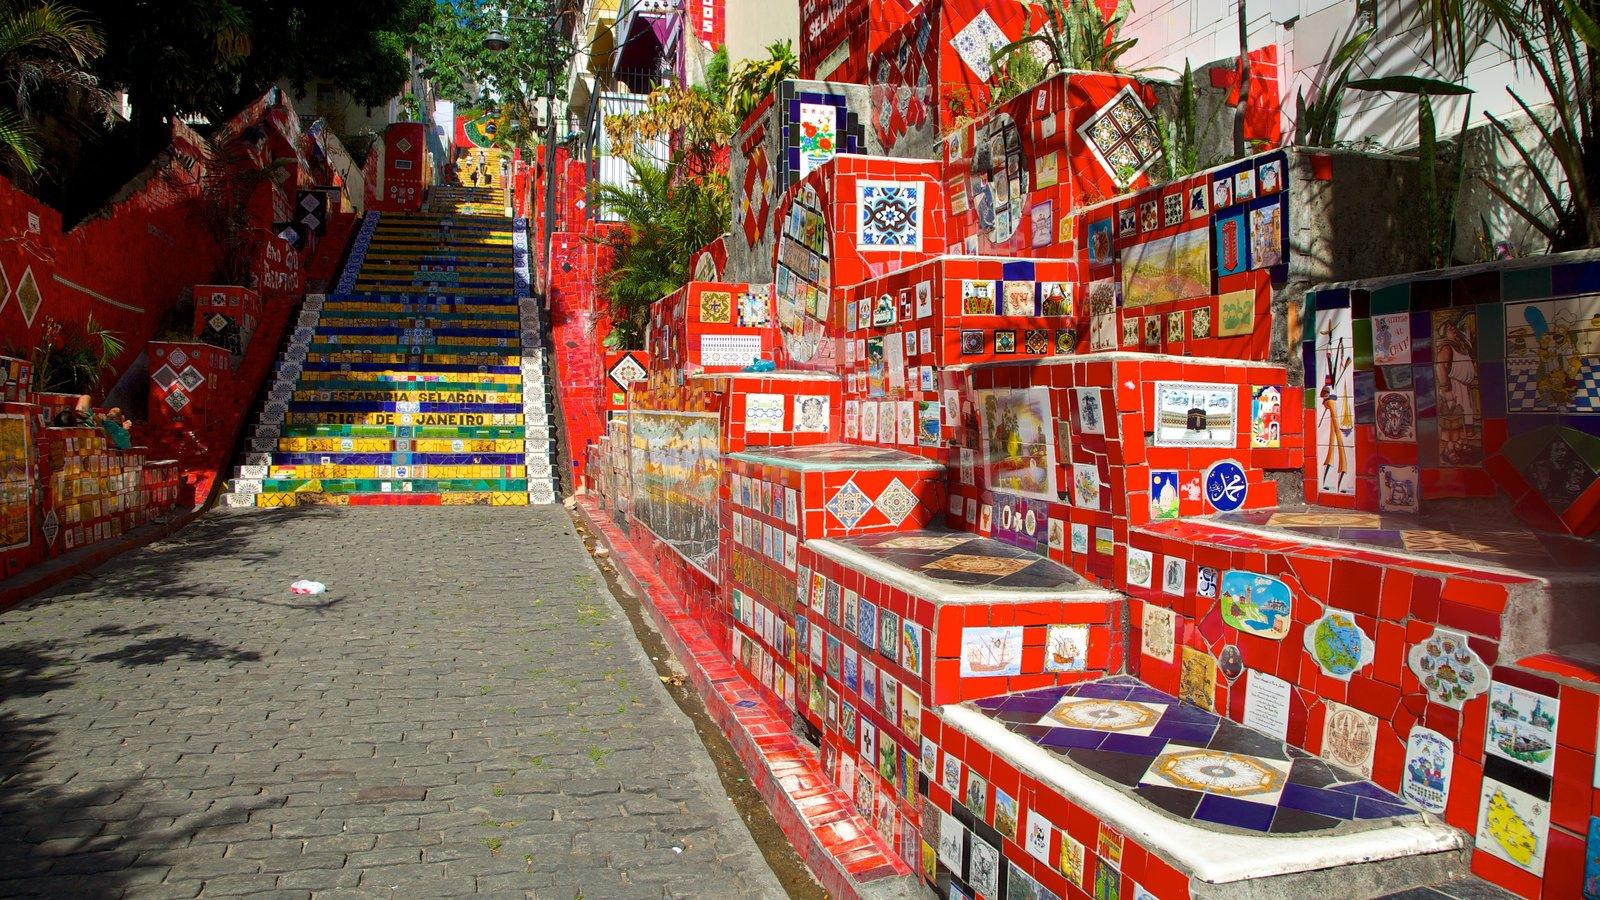 Escadaria do Selarón que inclui cenas de rua e arte ao ar livre